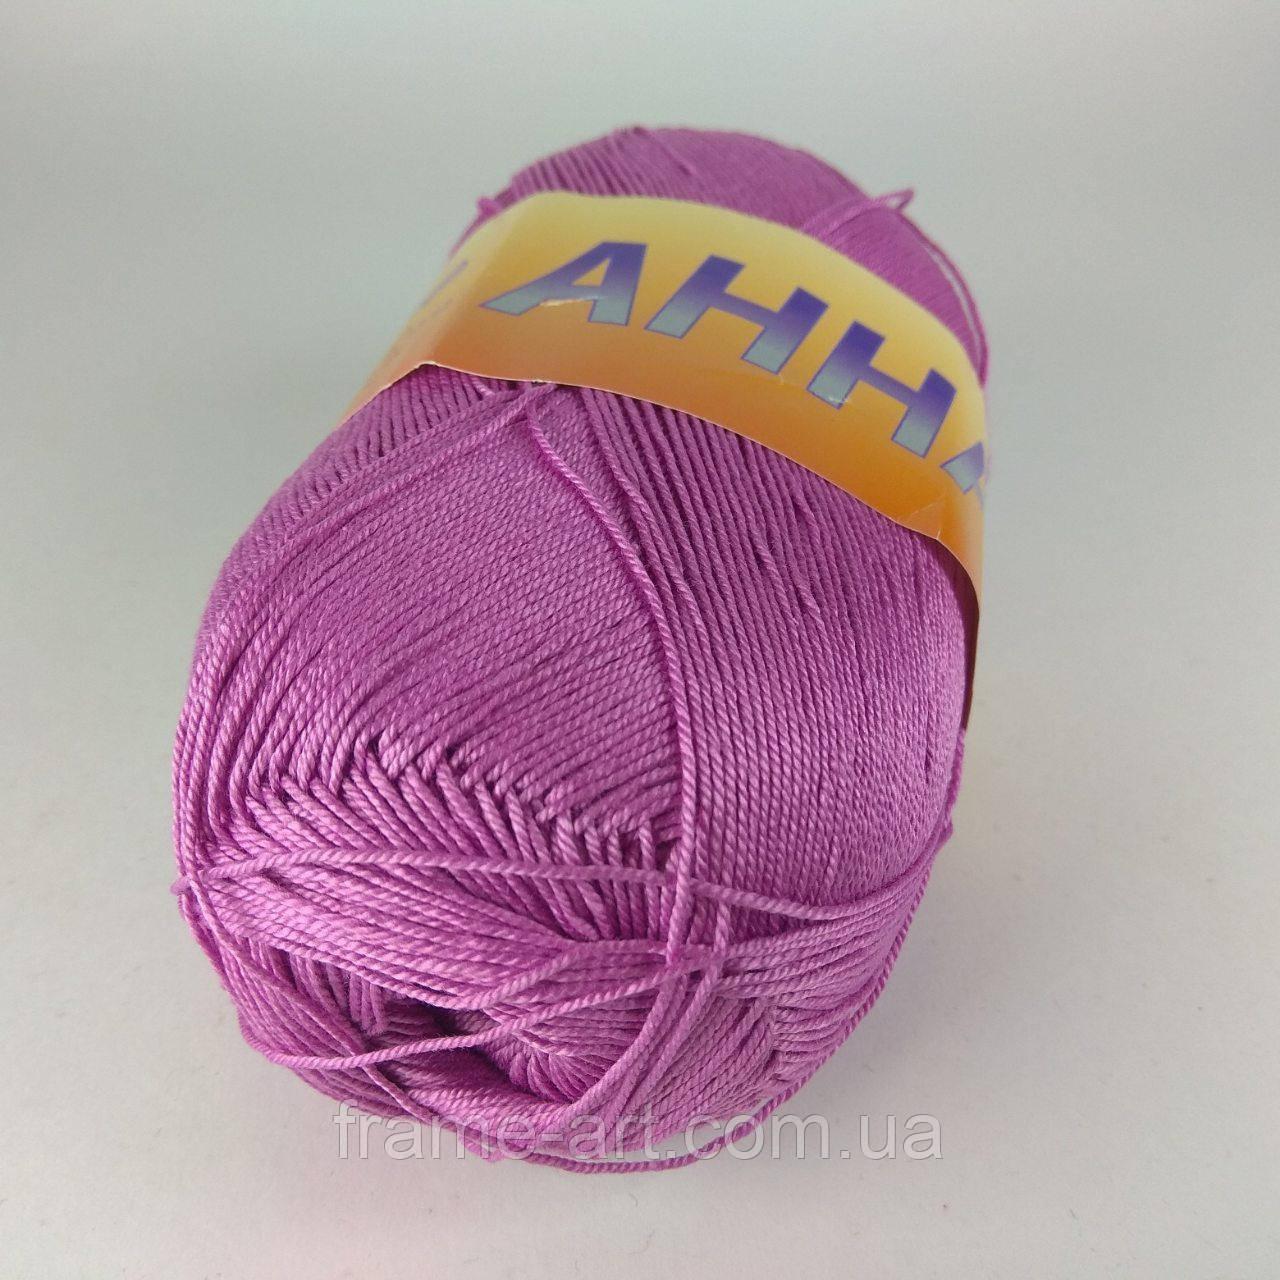 Пряжа Анна 14 100г/450м 086 розовый